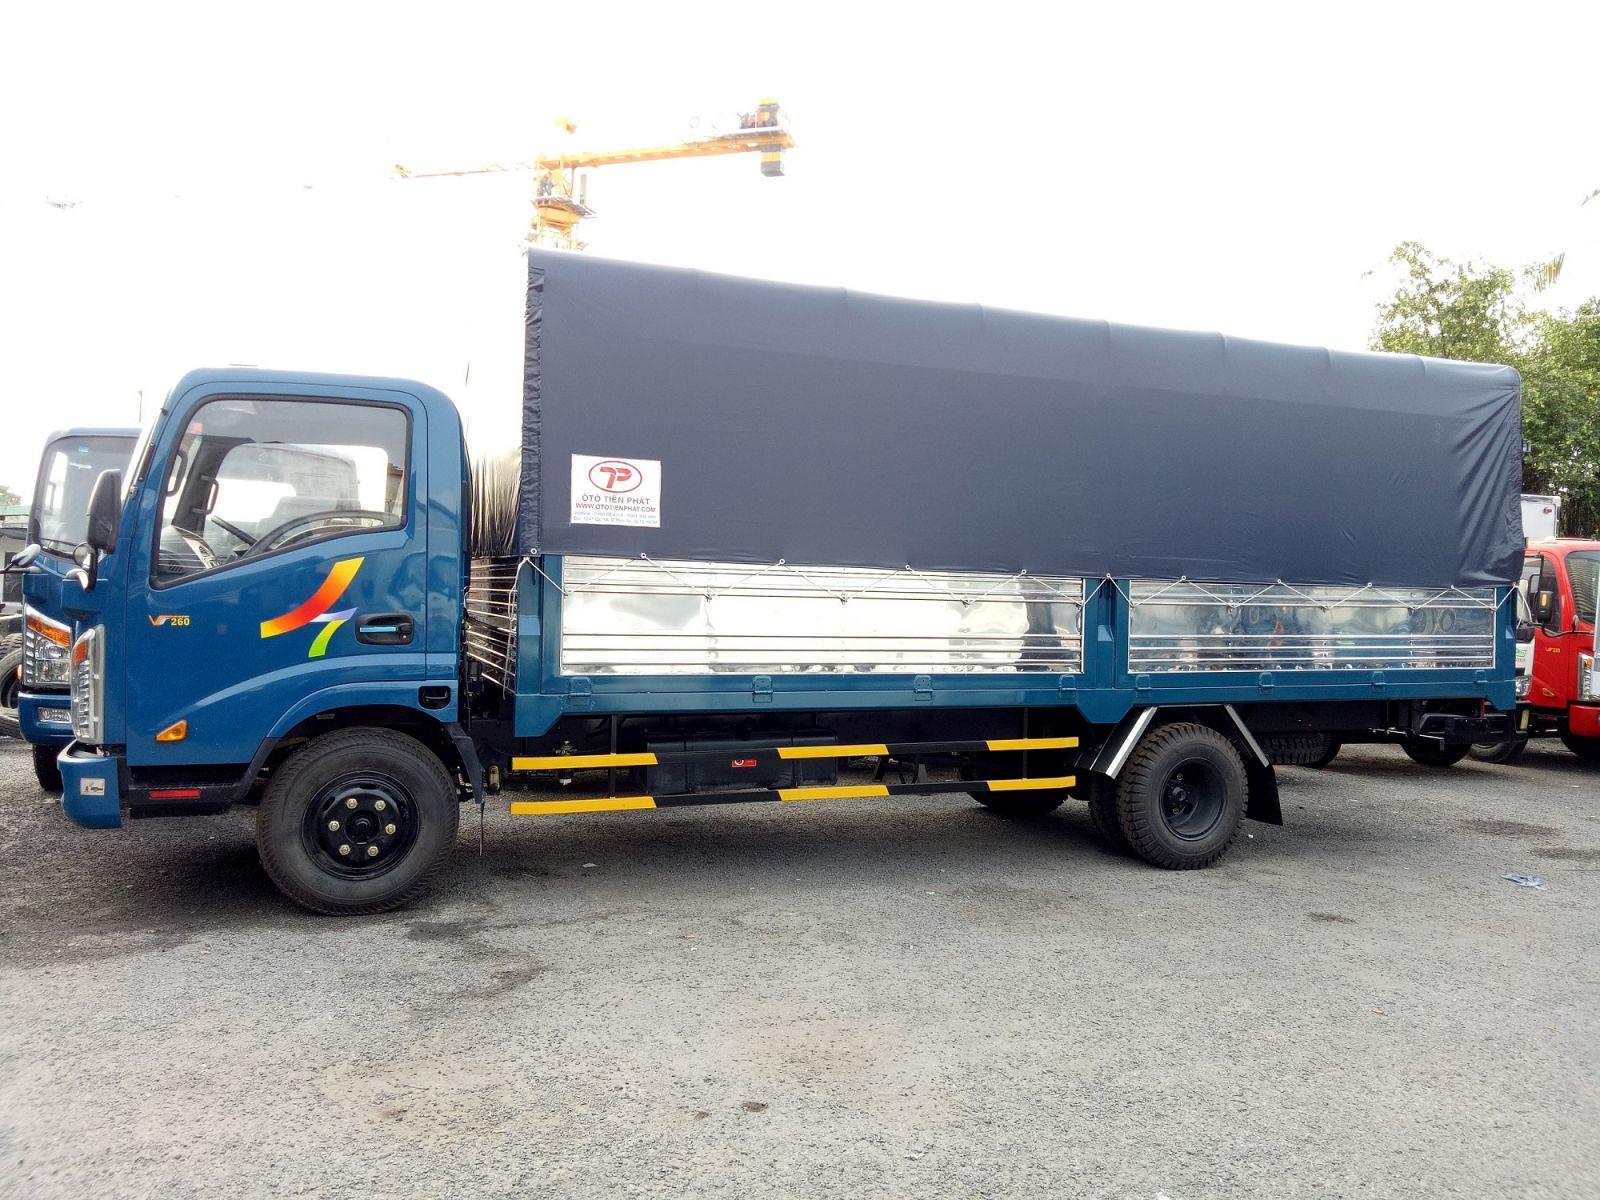 xe tải veam của nước nào